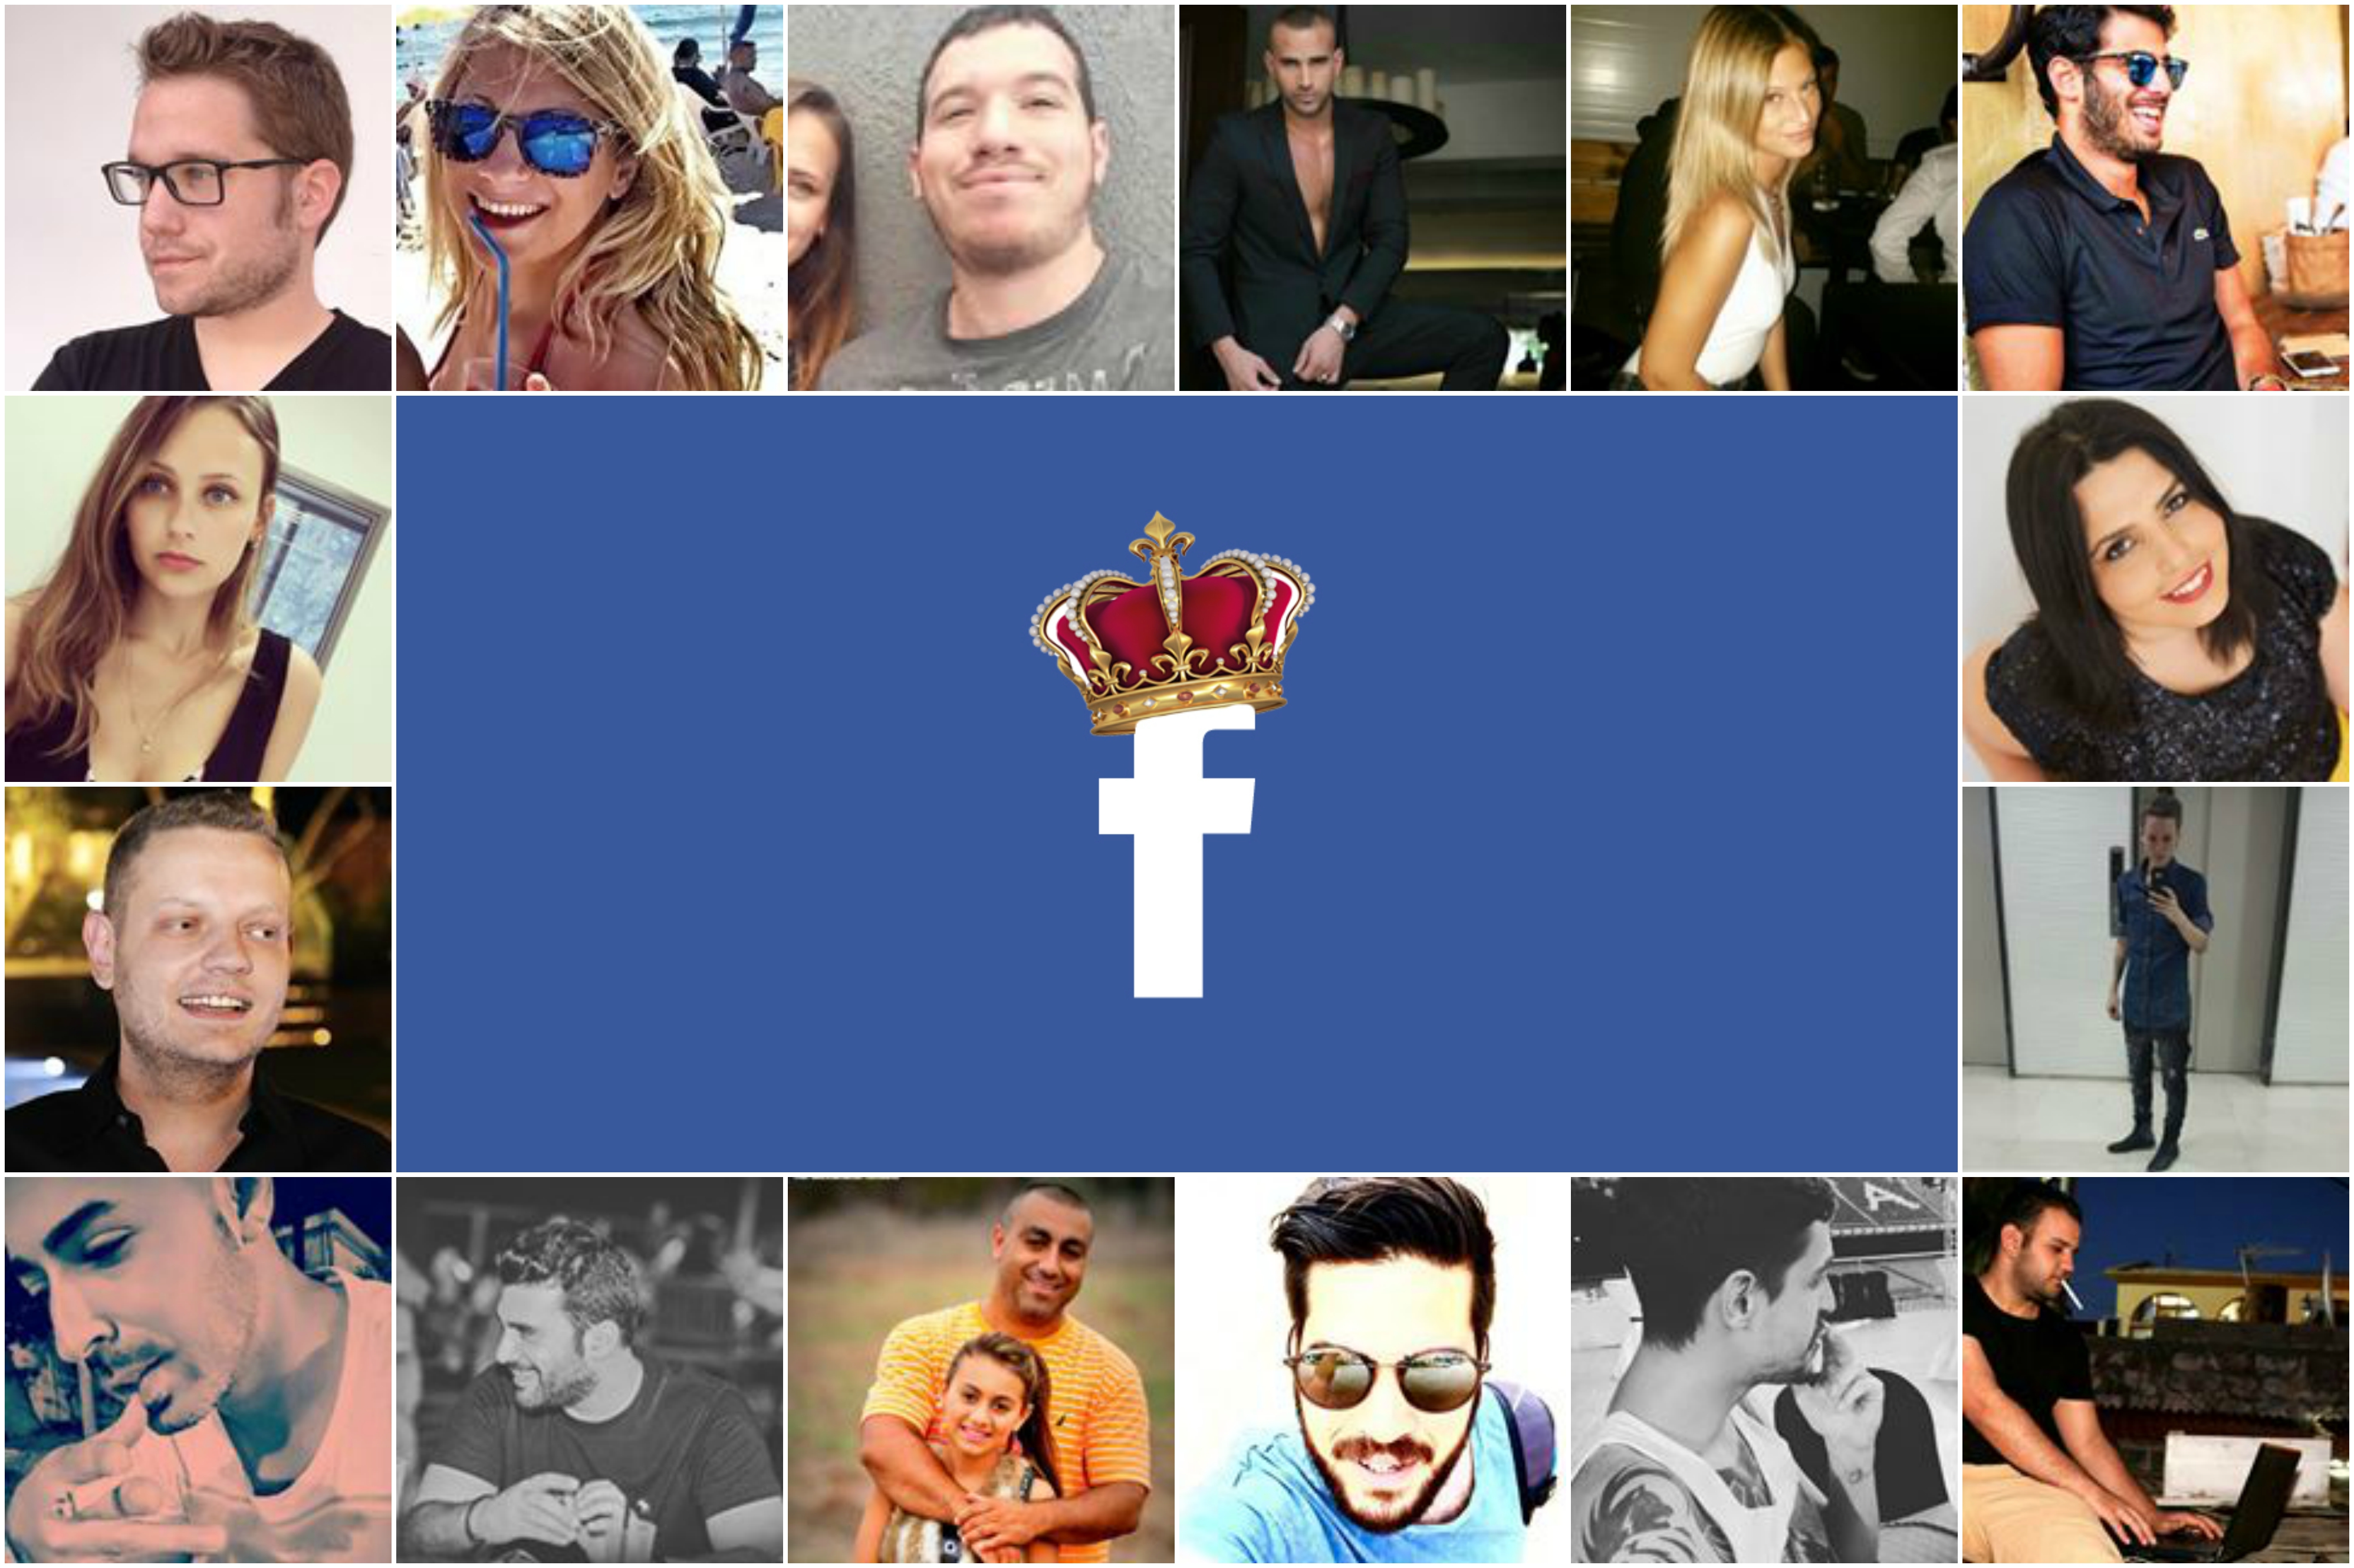 דירוג אושיות הפייסבוק